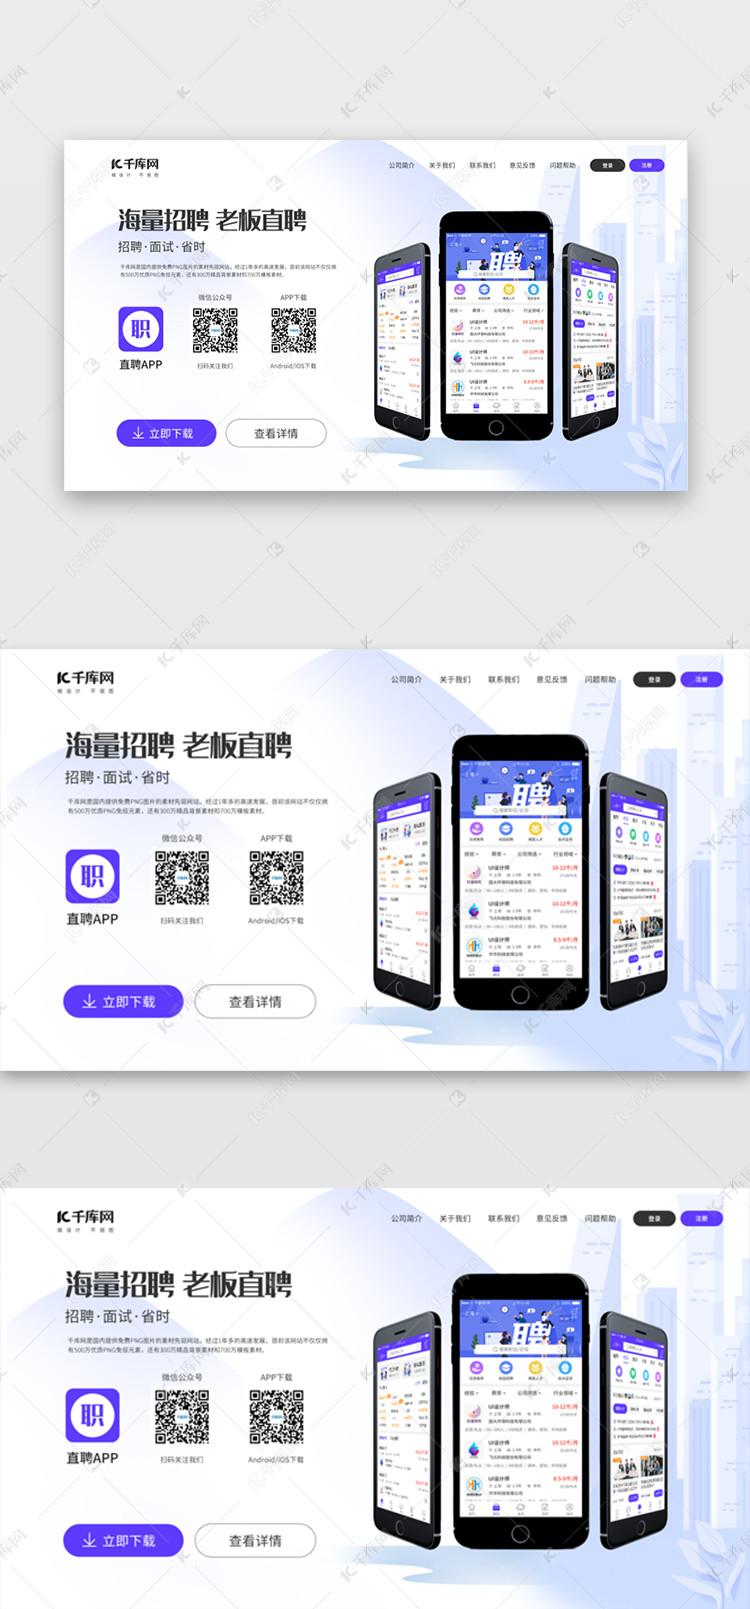 软件系官网蓝色app下载网页ui界面设计素材地球标志设计图片